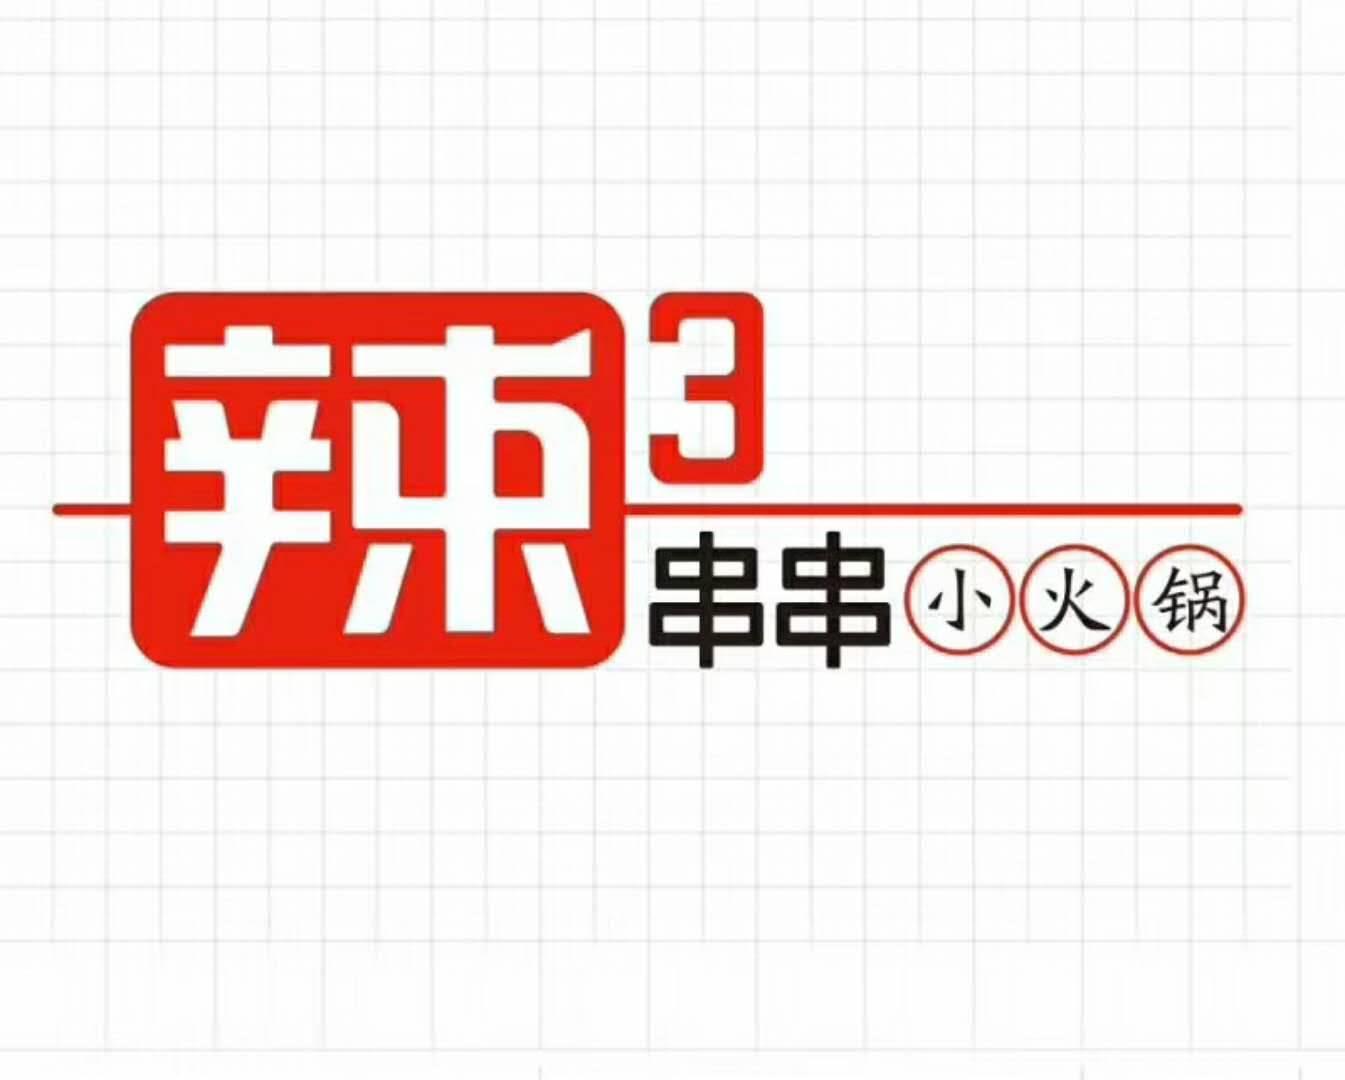 成都火锅店设计,成都莽哥餐饮 辣3 小火锅设计 远大品牌设计